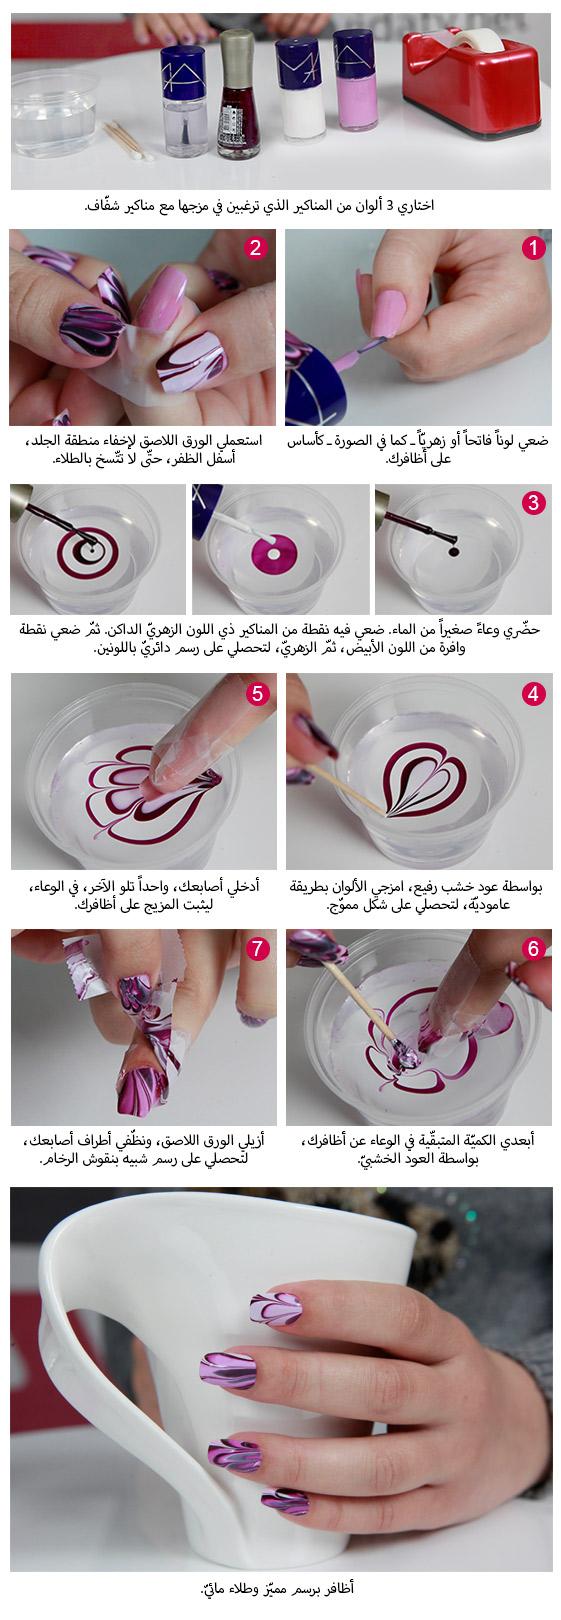 رسم الاظافر بالماء،طريقة رسم الاظافر بالماء،خطوات رسم الاظافر بالماء